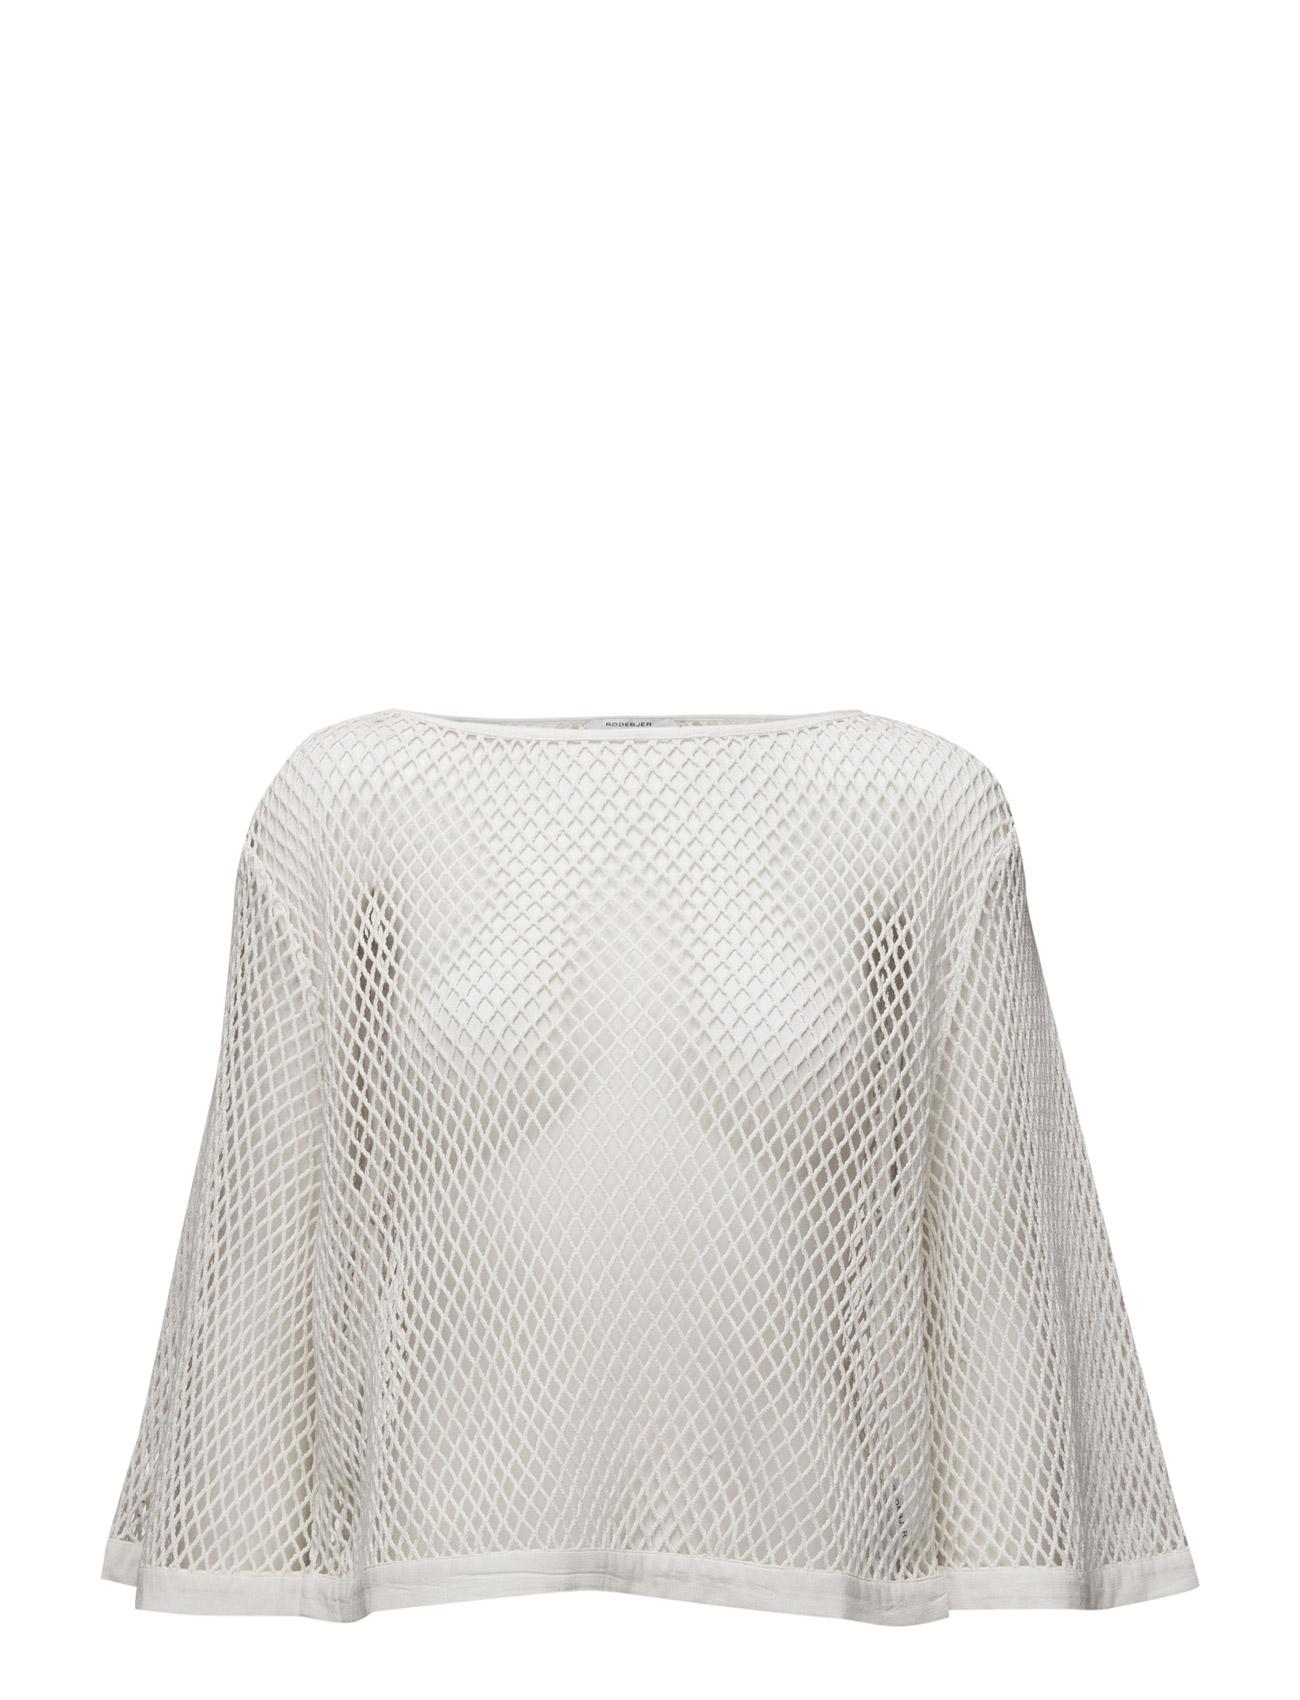 Lau RODEBJER Sweatshirts til Kvinder i Sort